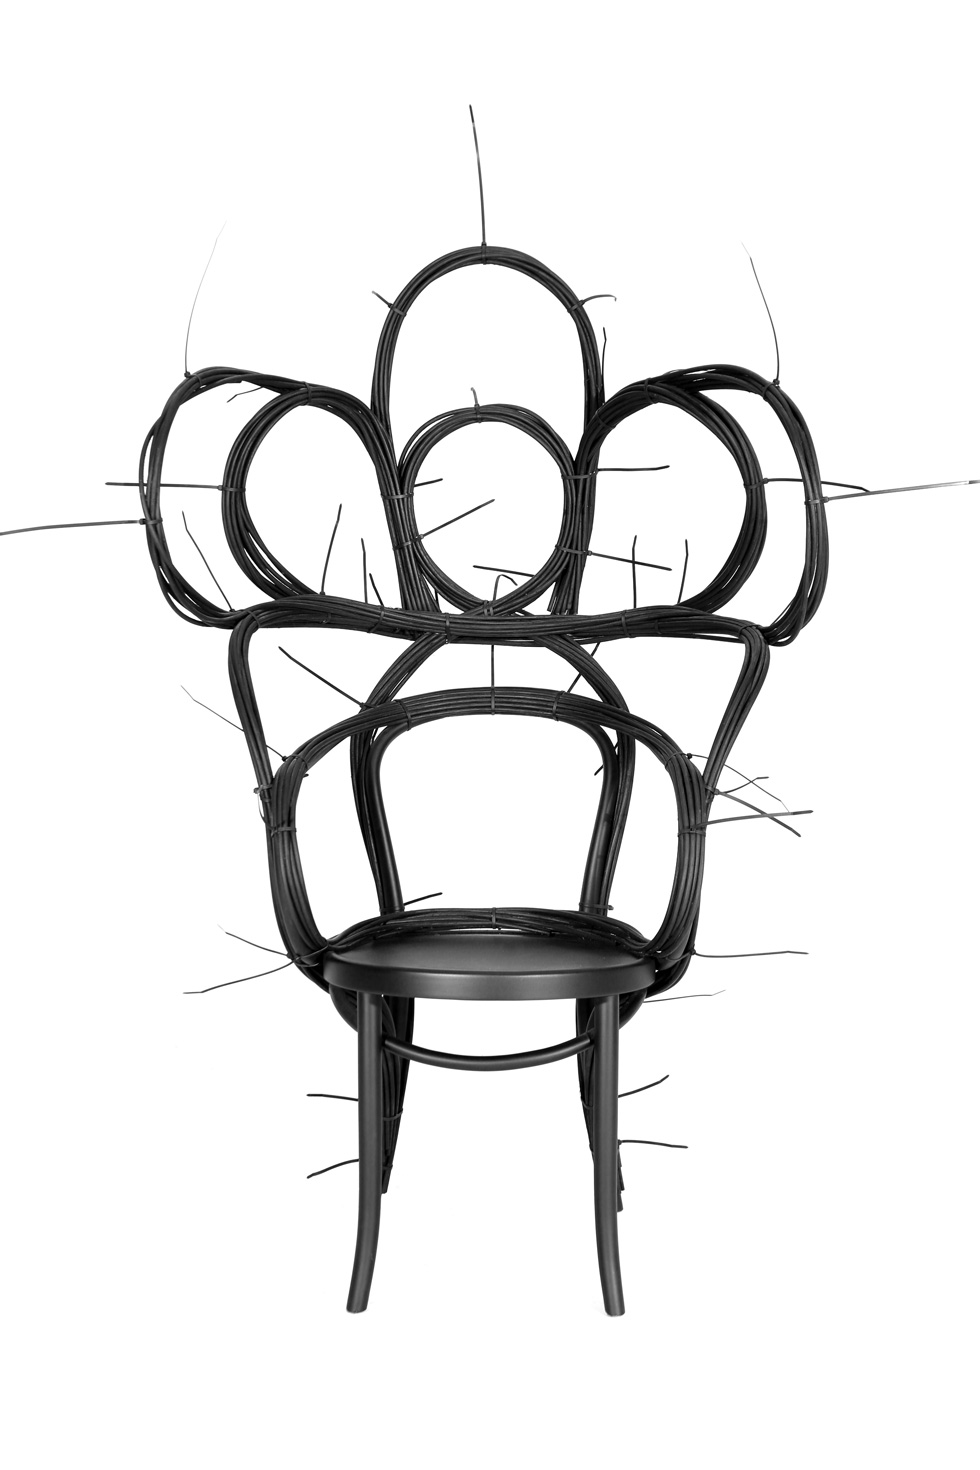 Rotan-chair-zuiderzee-museum-vroonland-en-vaandrager